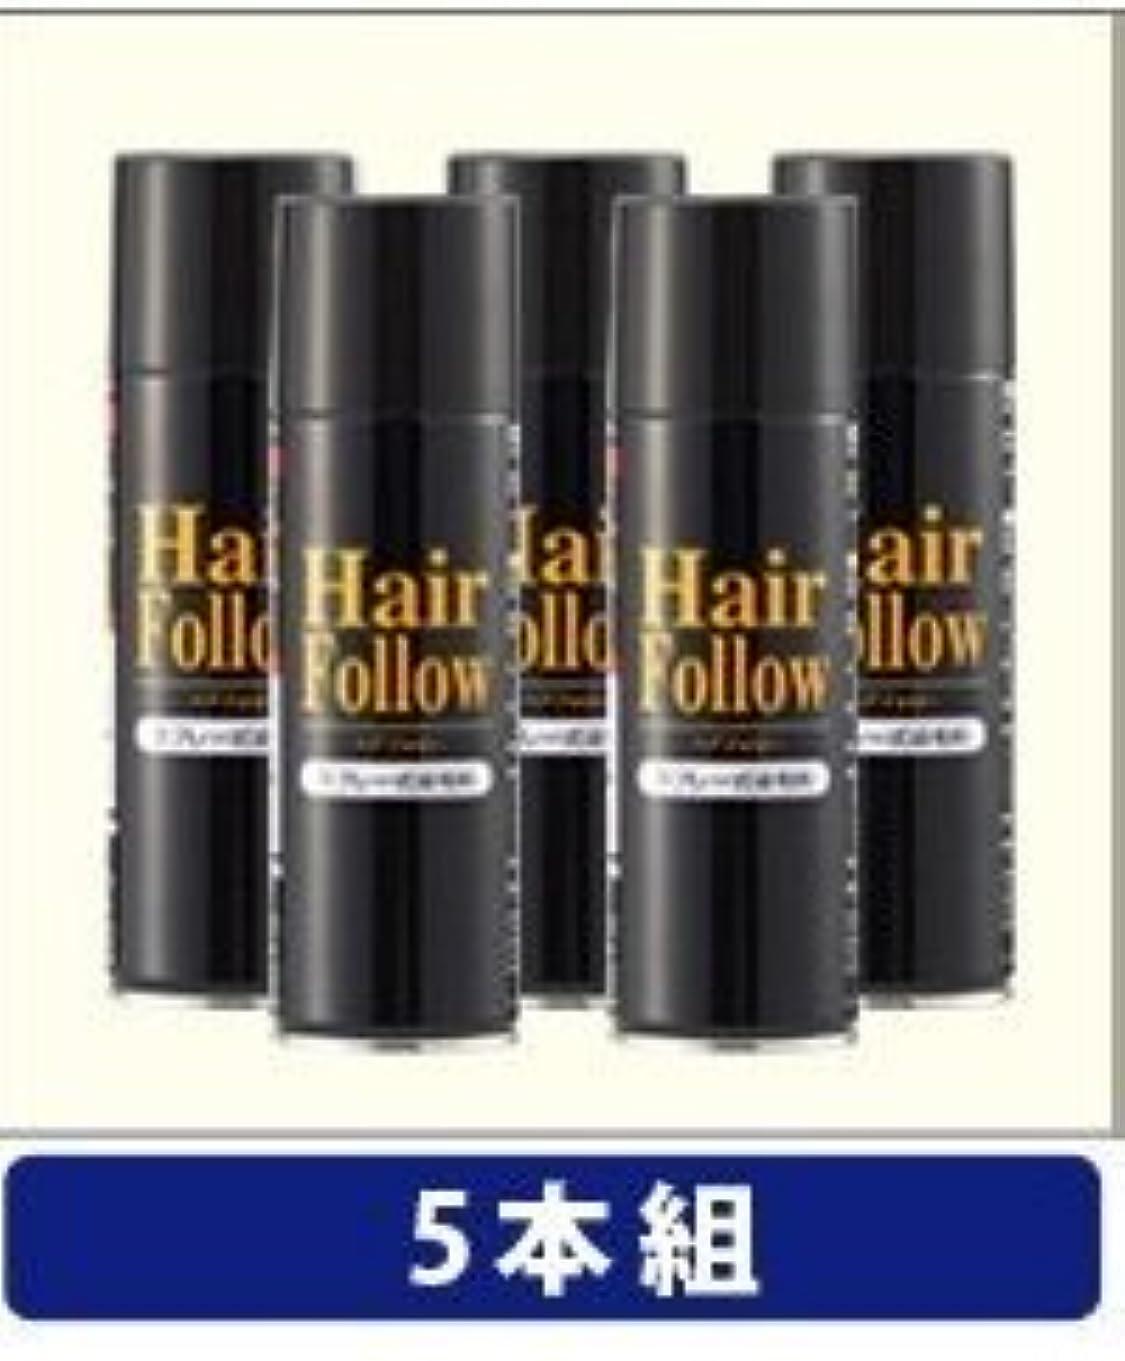 シネマムスタチオわざわざNEW ヘアフォロー スプレー ブラウン スプレー式染毛料 自然に薄毛をボリュームアップ!薄毛隠し かつら (5本)